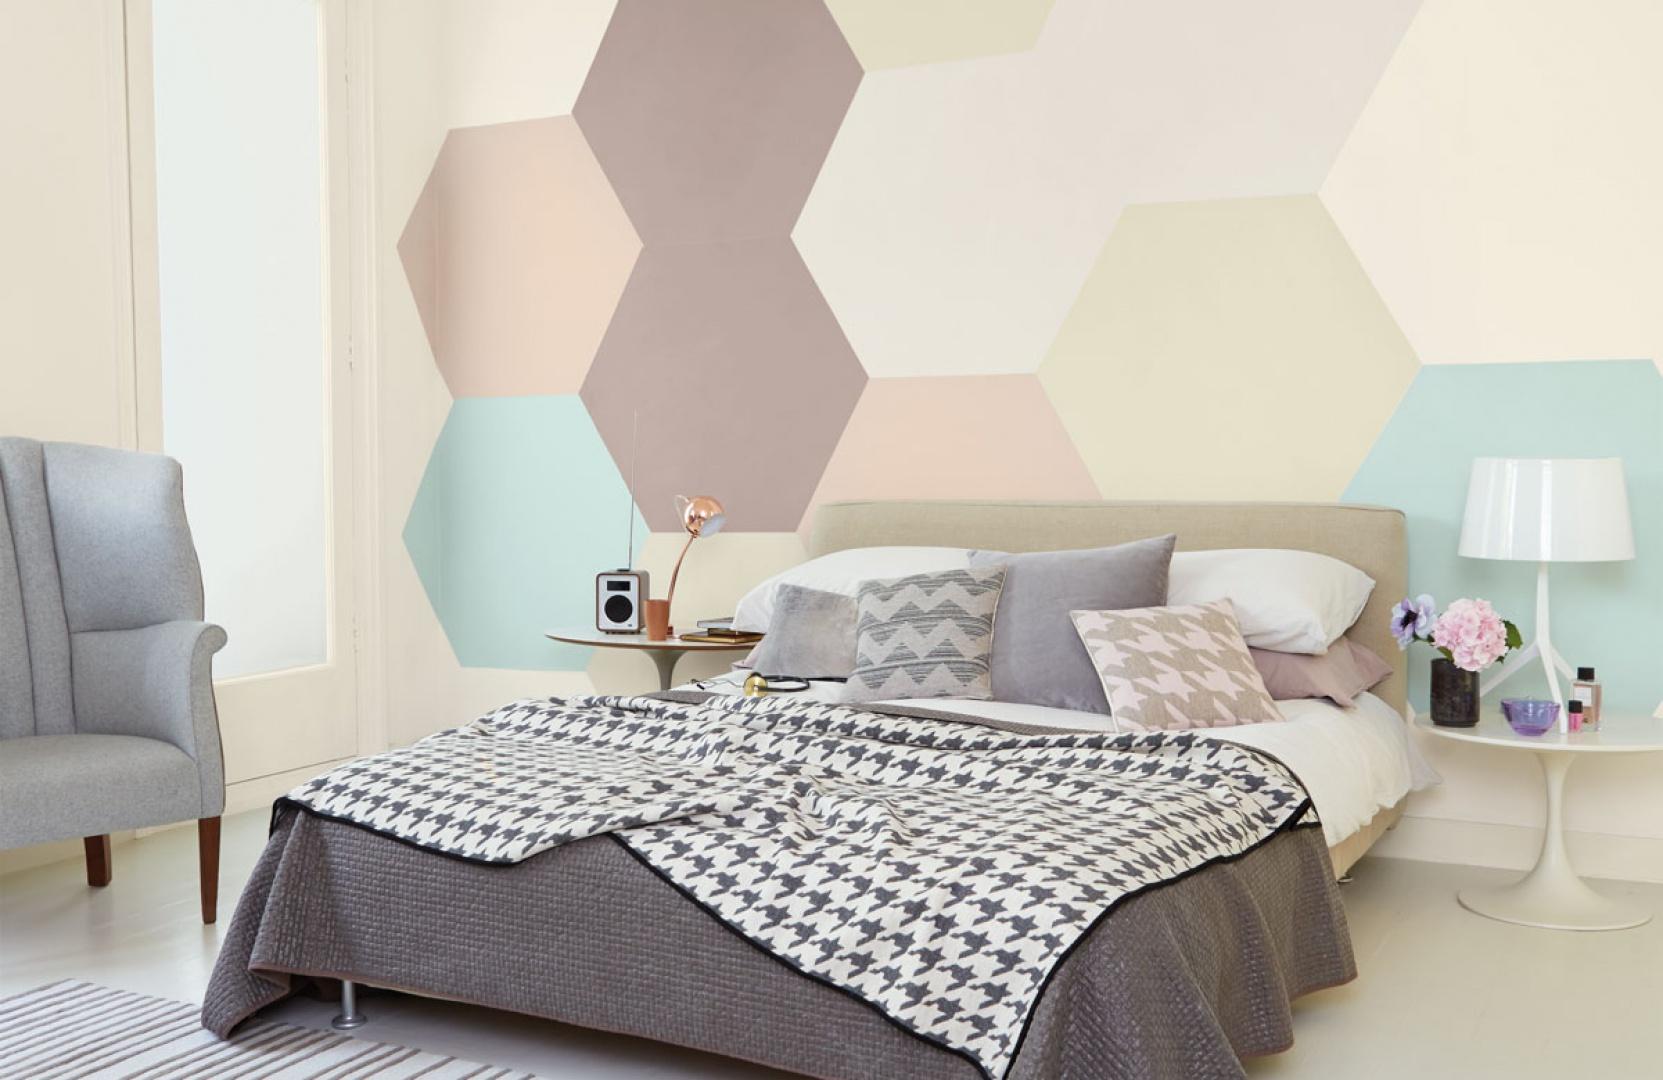 Pastelowe sześciokąty: delikatne beże, brązy, szarości i błękity tworzą na ścianie za łóżkiem oryginalną dekorację. Fot. Dulux.